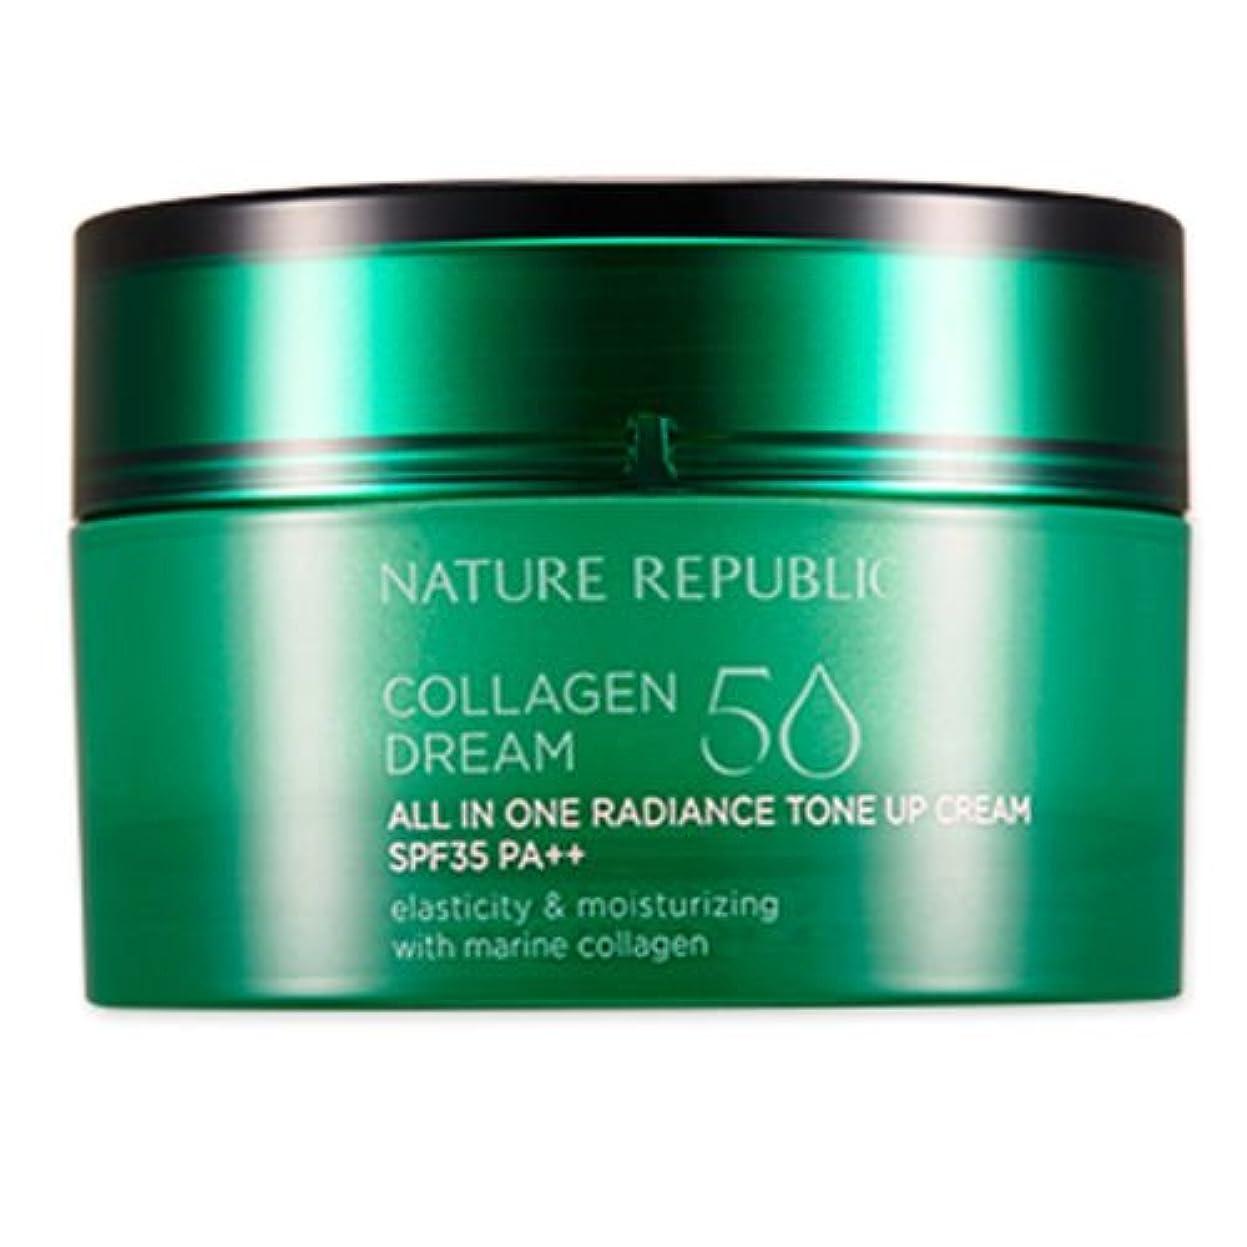 レクリエーション目を覚ます脅威NATURE REPUBLIC Collagen Dream 50 All-In-One Radiance Tone Up Cream(SPF35PA++) ネイチャーリパブリック [韓国コスメ ] コラーゲンドリーム50オールインワンラディアンストンアップクリーム(SPF35PA++) [並行輸入品]